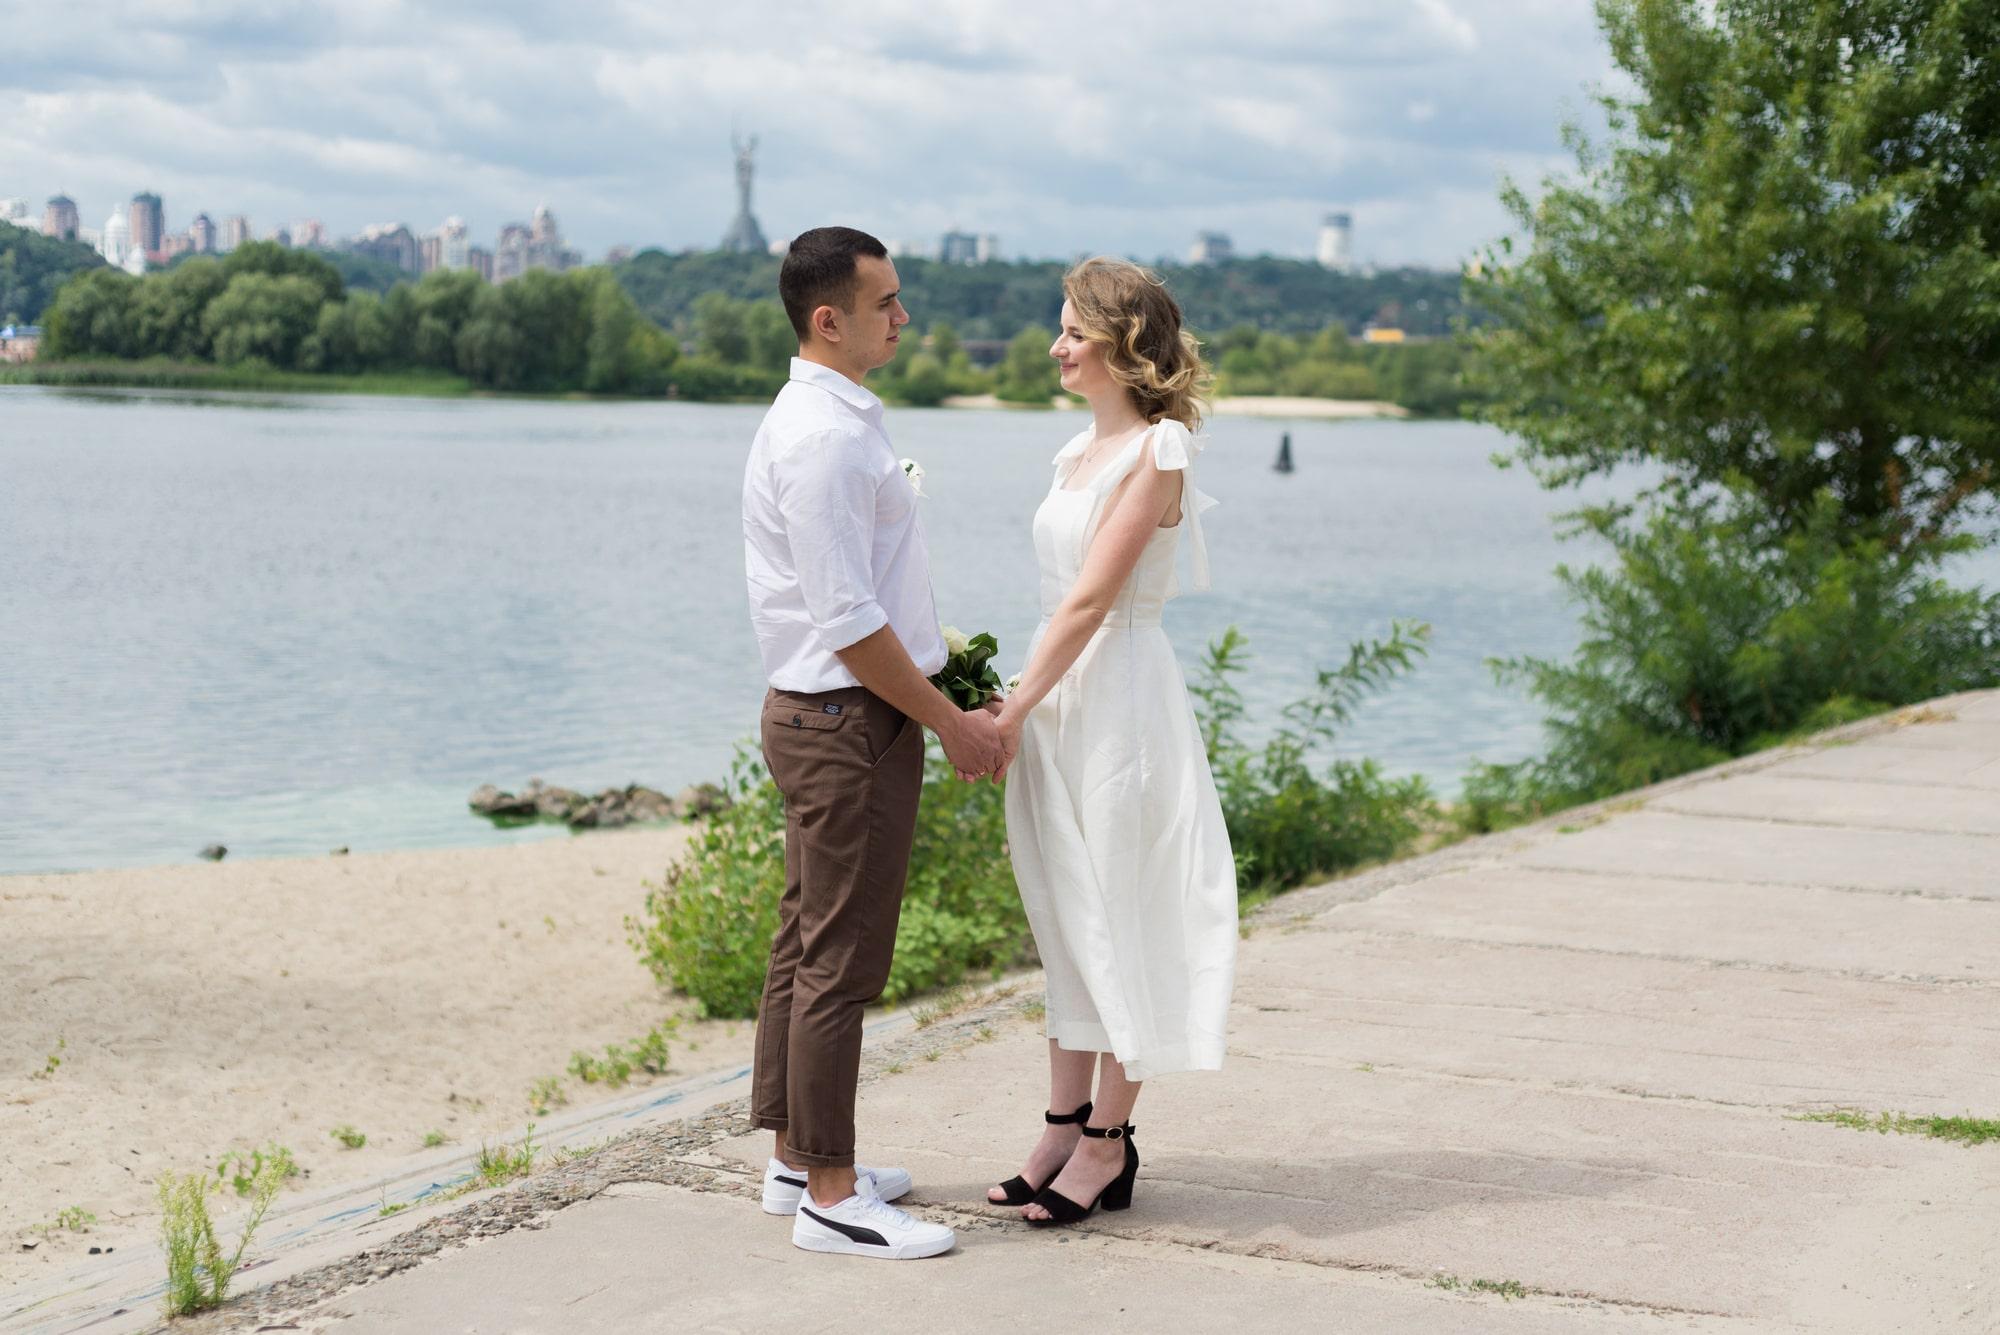 Фотосессия свадебная возле Днепра - невеста и жених держатся за руки